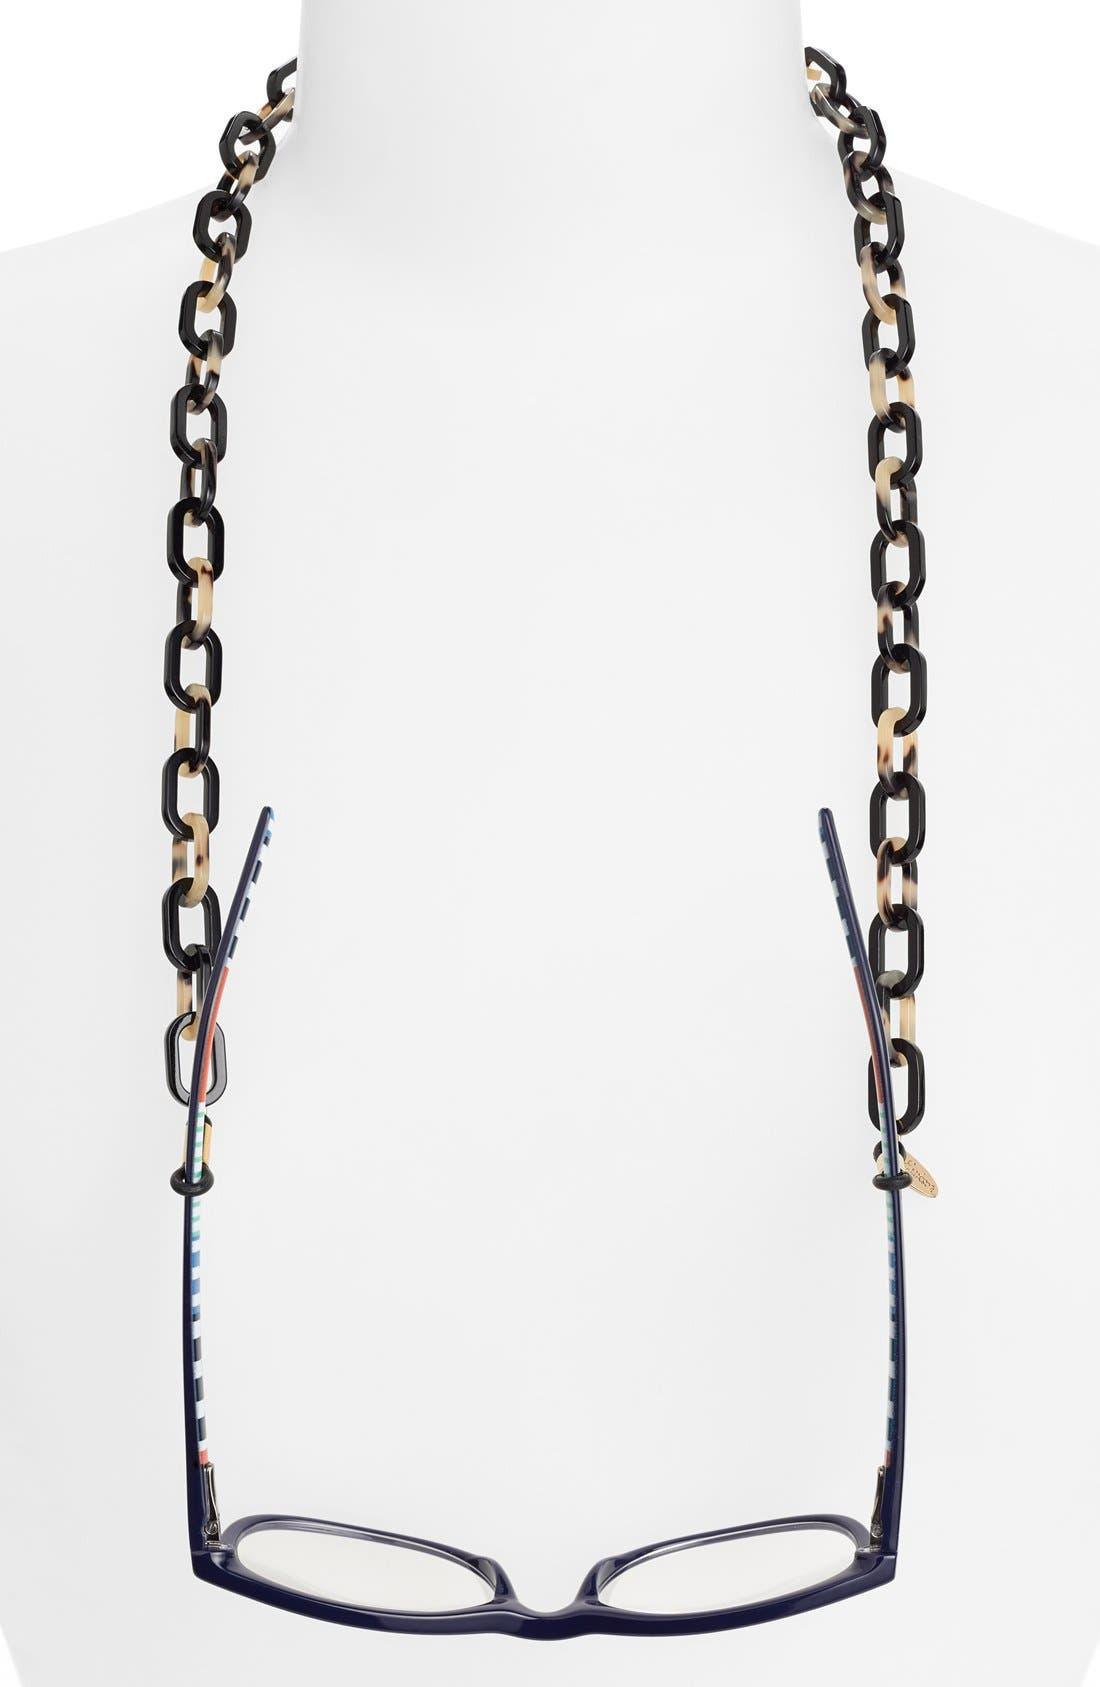 'Brynn' Oval Link Eyewear Chain,                             Main thumbnail 3, color,